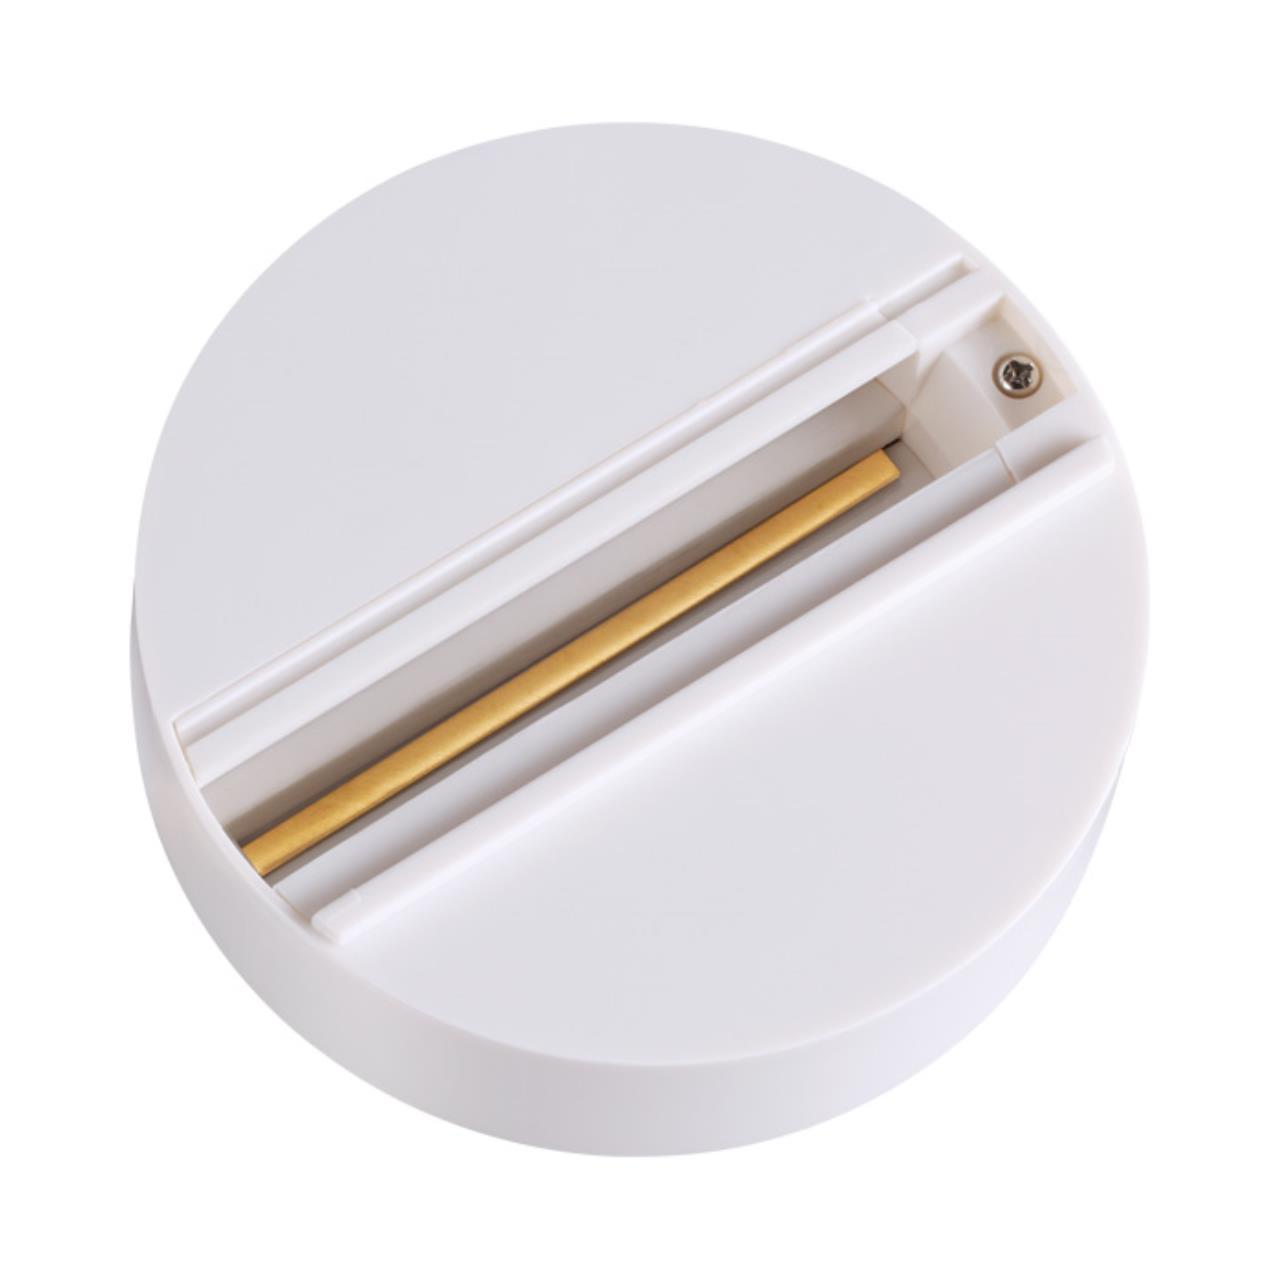 135072 PORT NT19 013 белый Трехфазная чаша крепления для стационарной фиксации прожекторов P20 220V